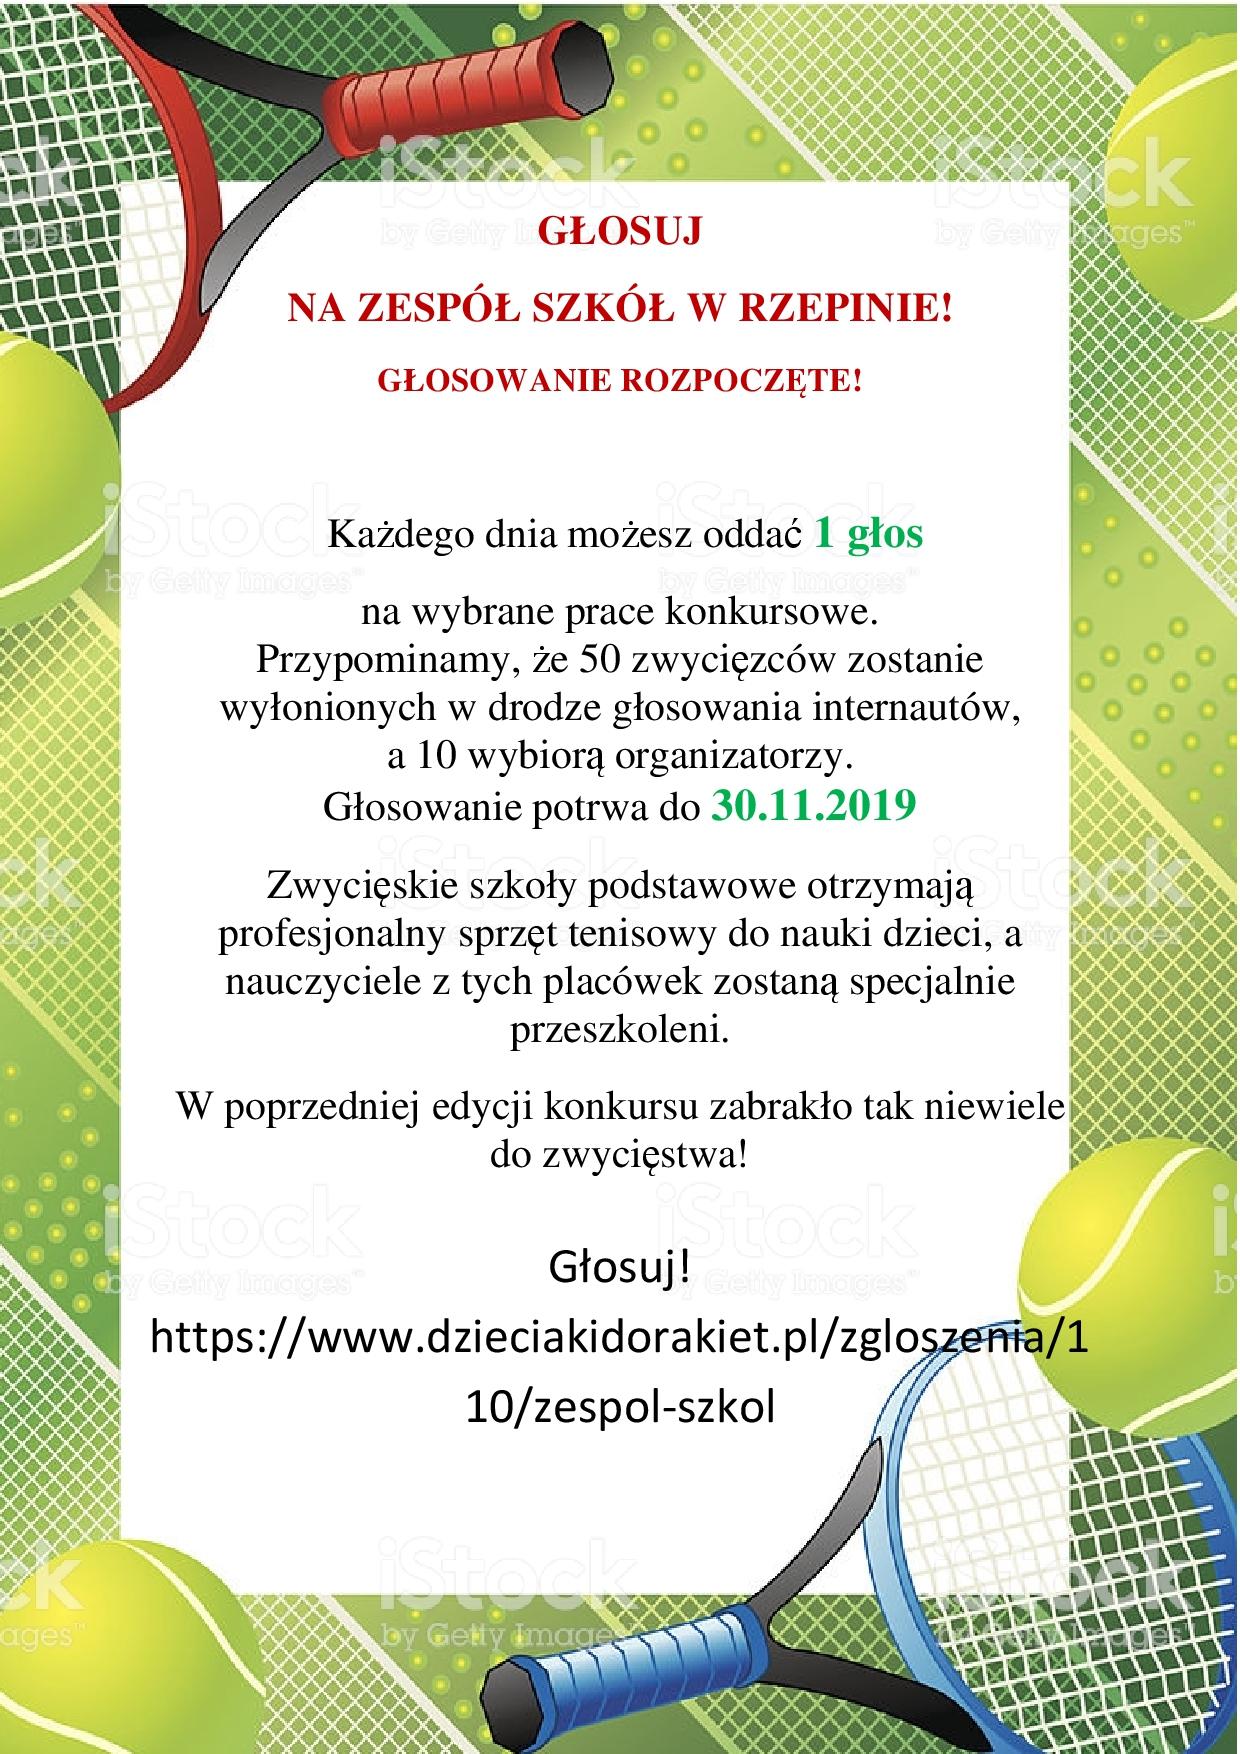 Ilustracja do informacji: Głosuj na Zespół Szkół w Rzepinie!!!